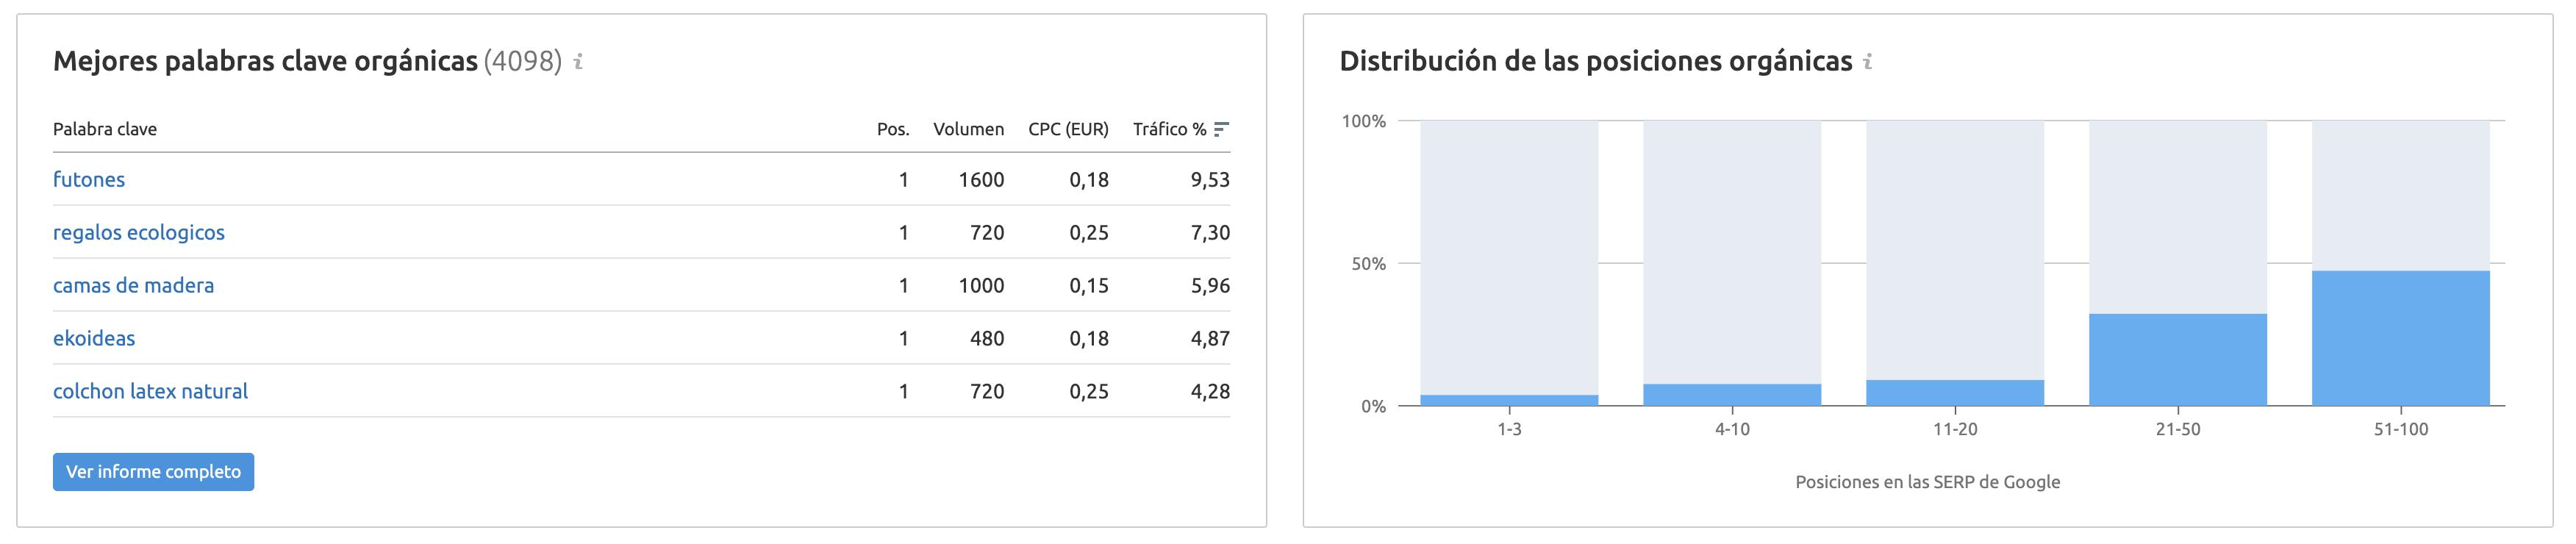 Estrategias de marketing ecológico - Distribución de las posiciones Ekoideas